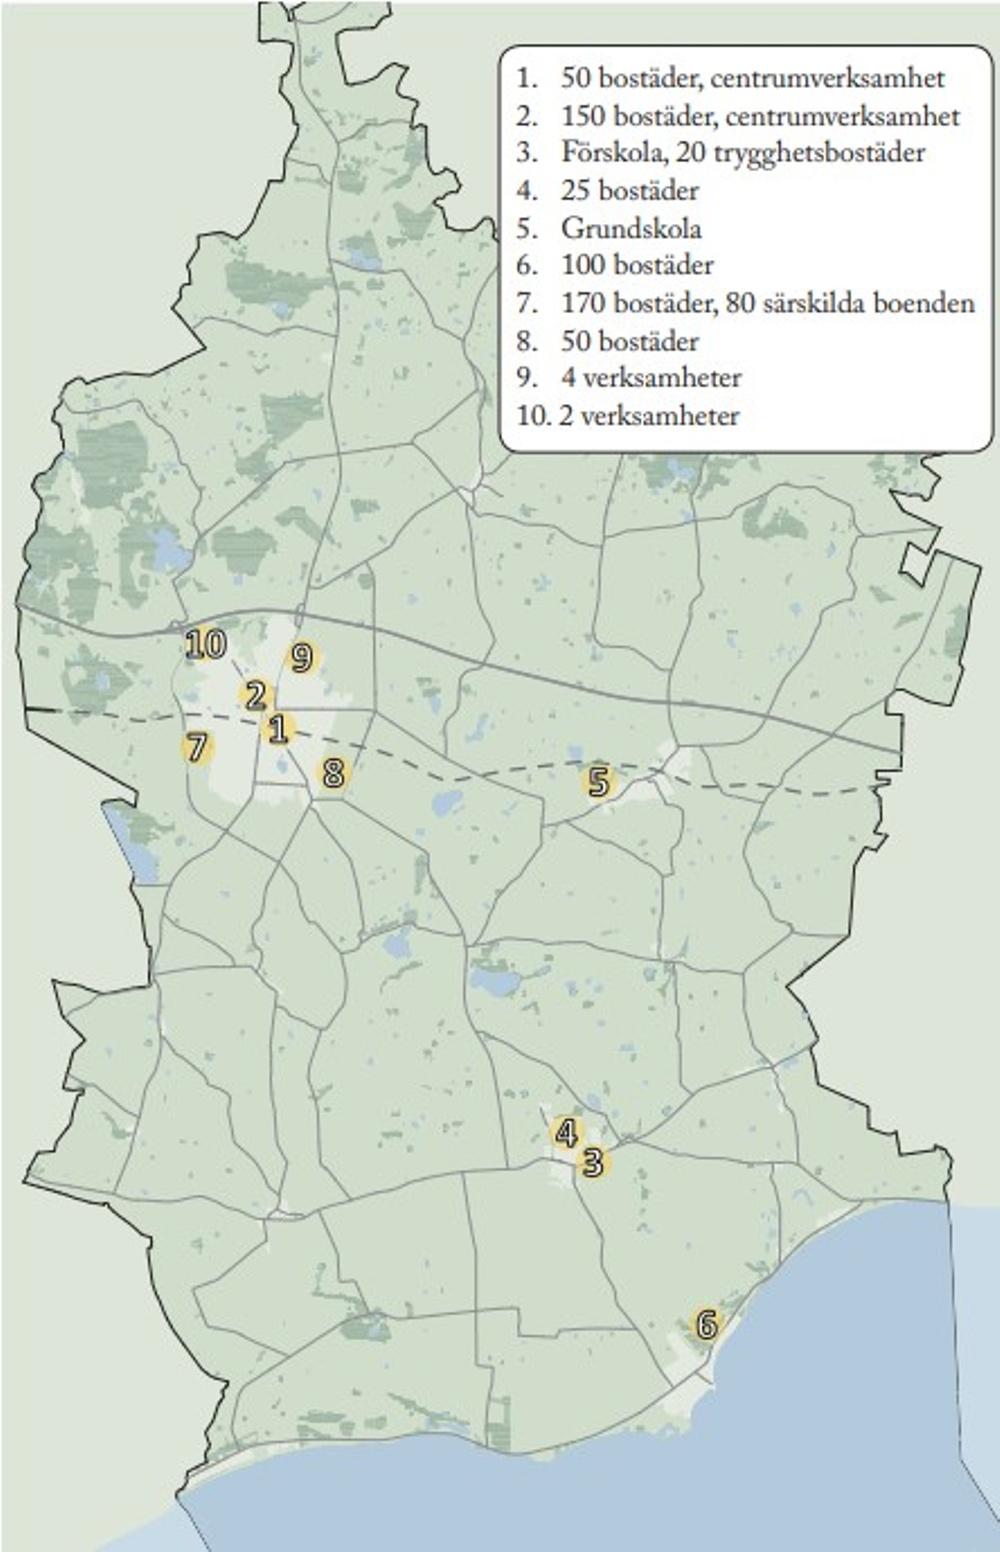 Karta över Skurup med framtida byggprojekt markerade med siffror